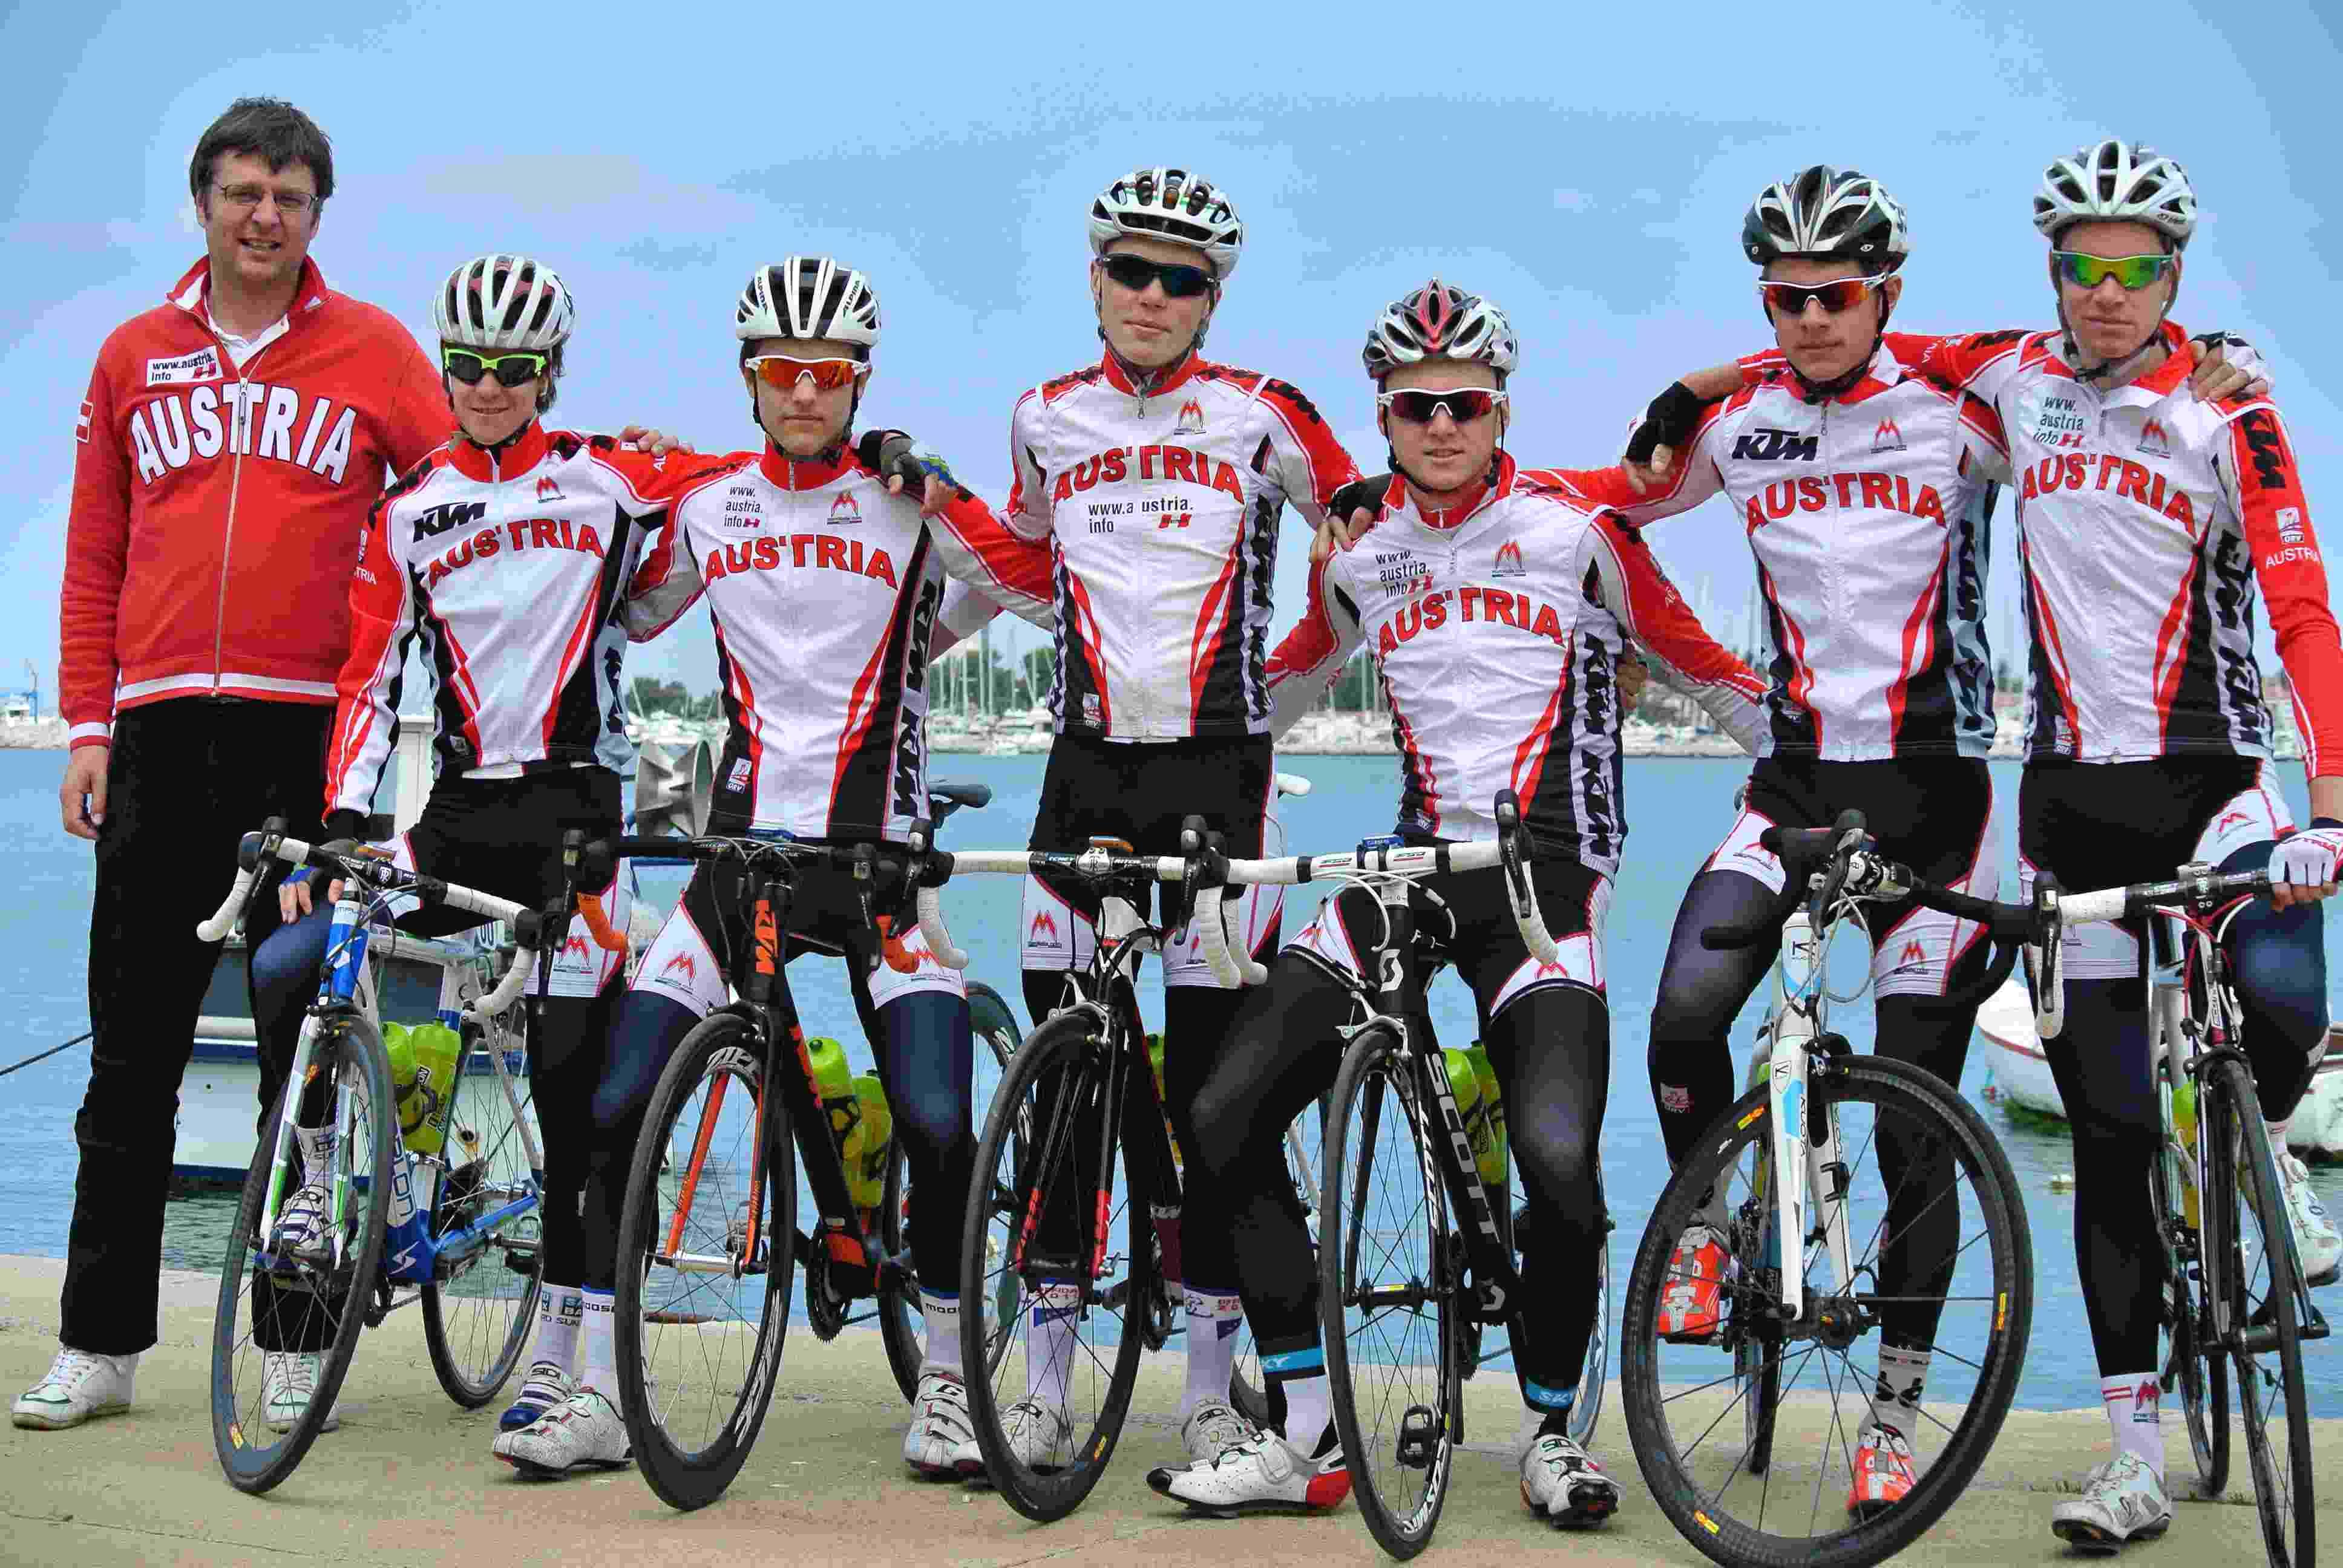 internationales radrennen der junioren - österreichische nationalmannschaft